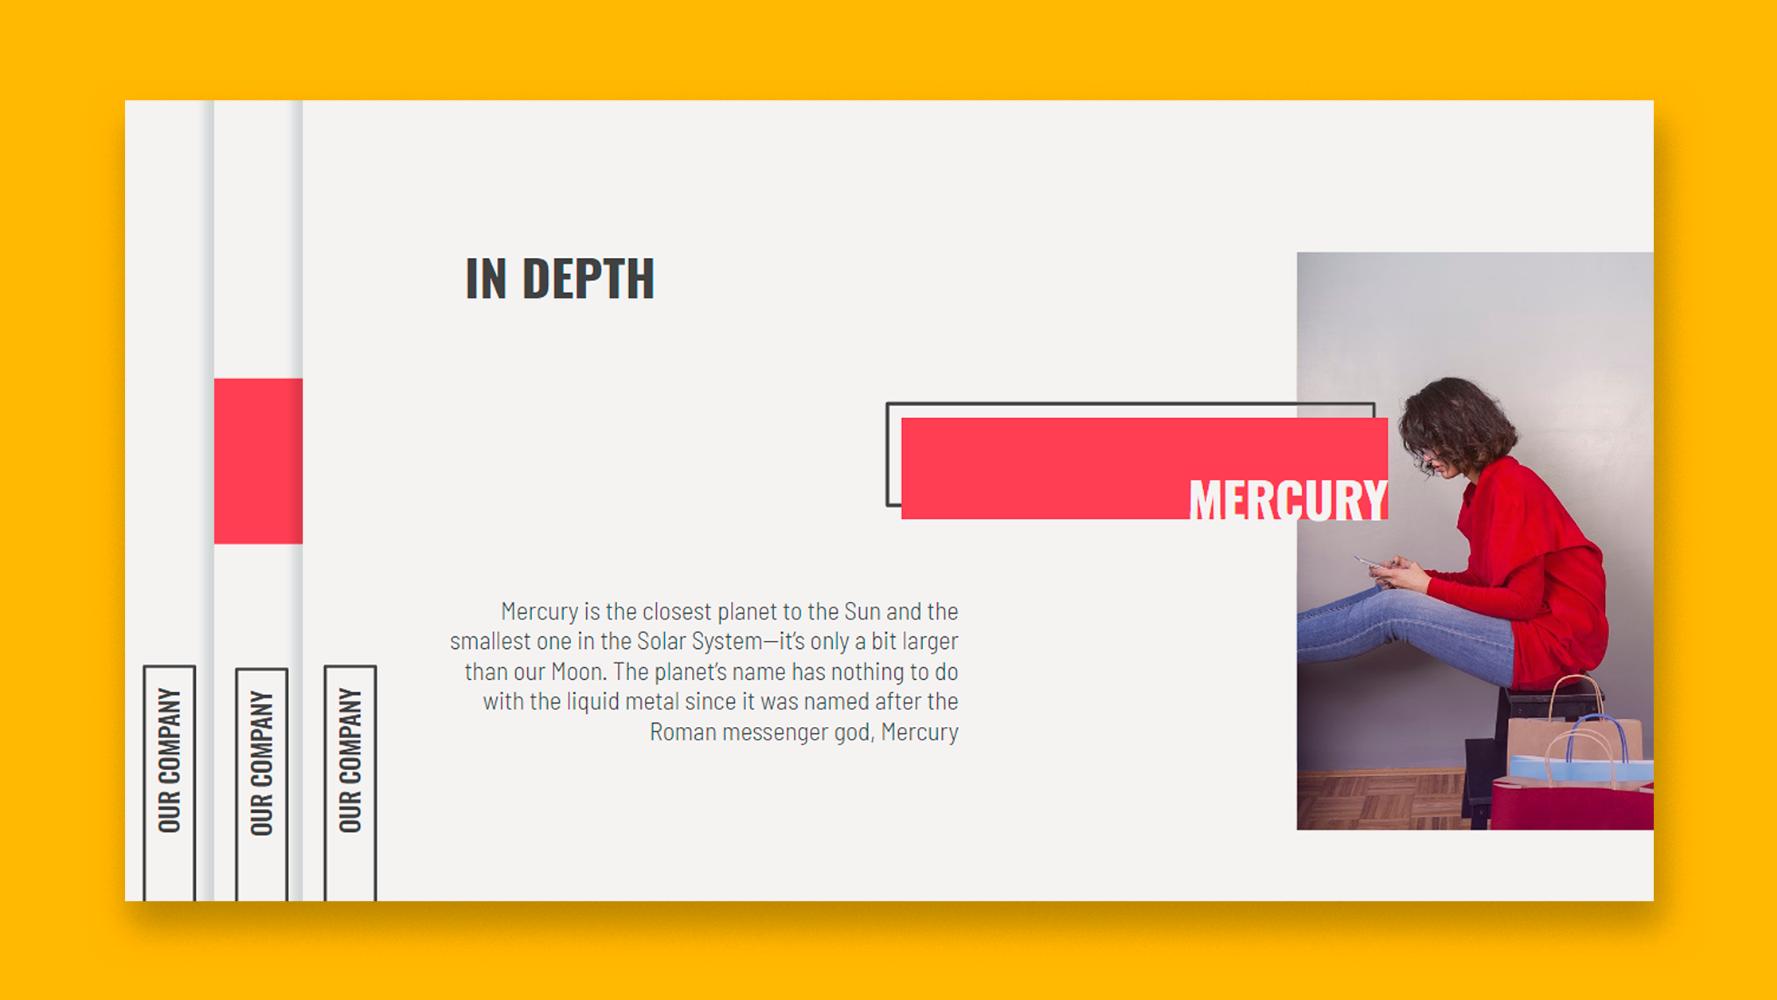 Cómo añadir pies de página en Google Slides   Tutoriales y Tips para tus presentaciones